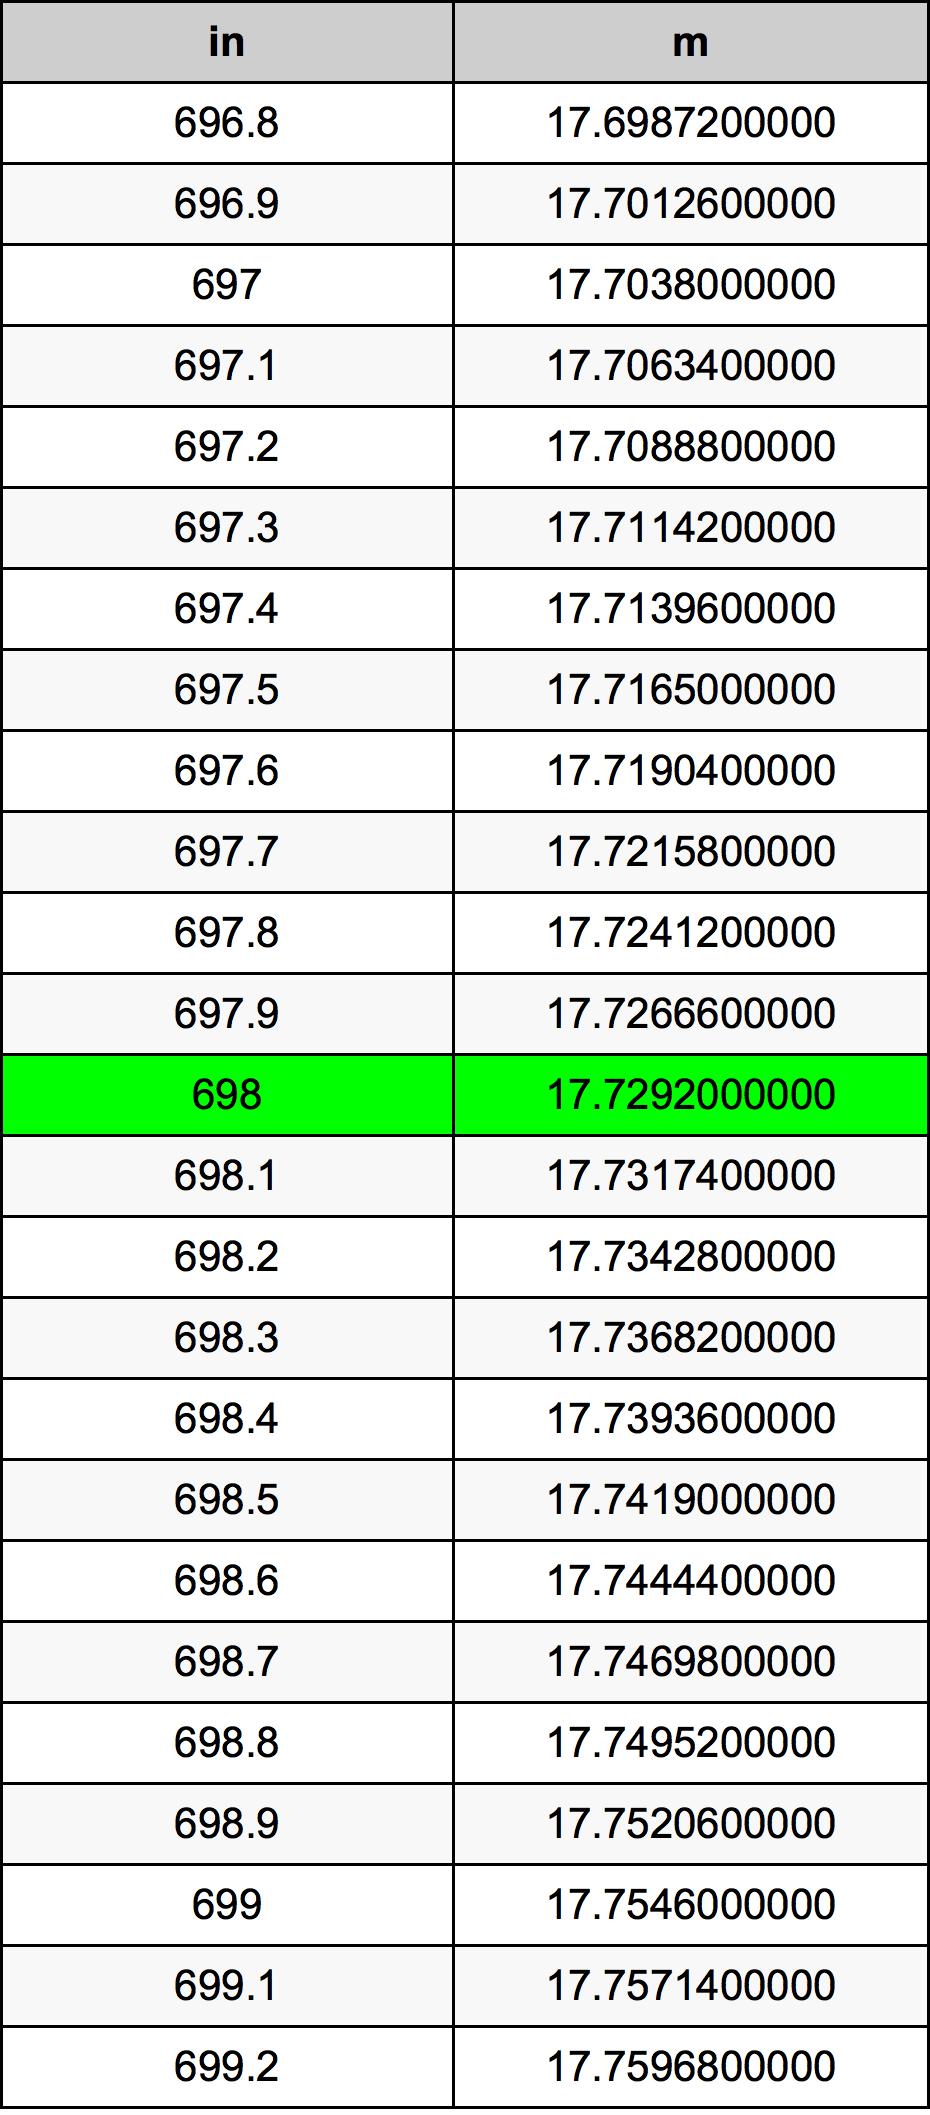 698 Inch conversietabel